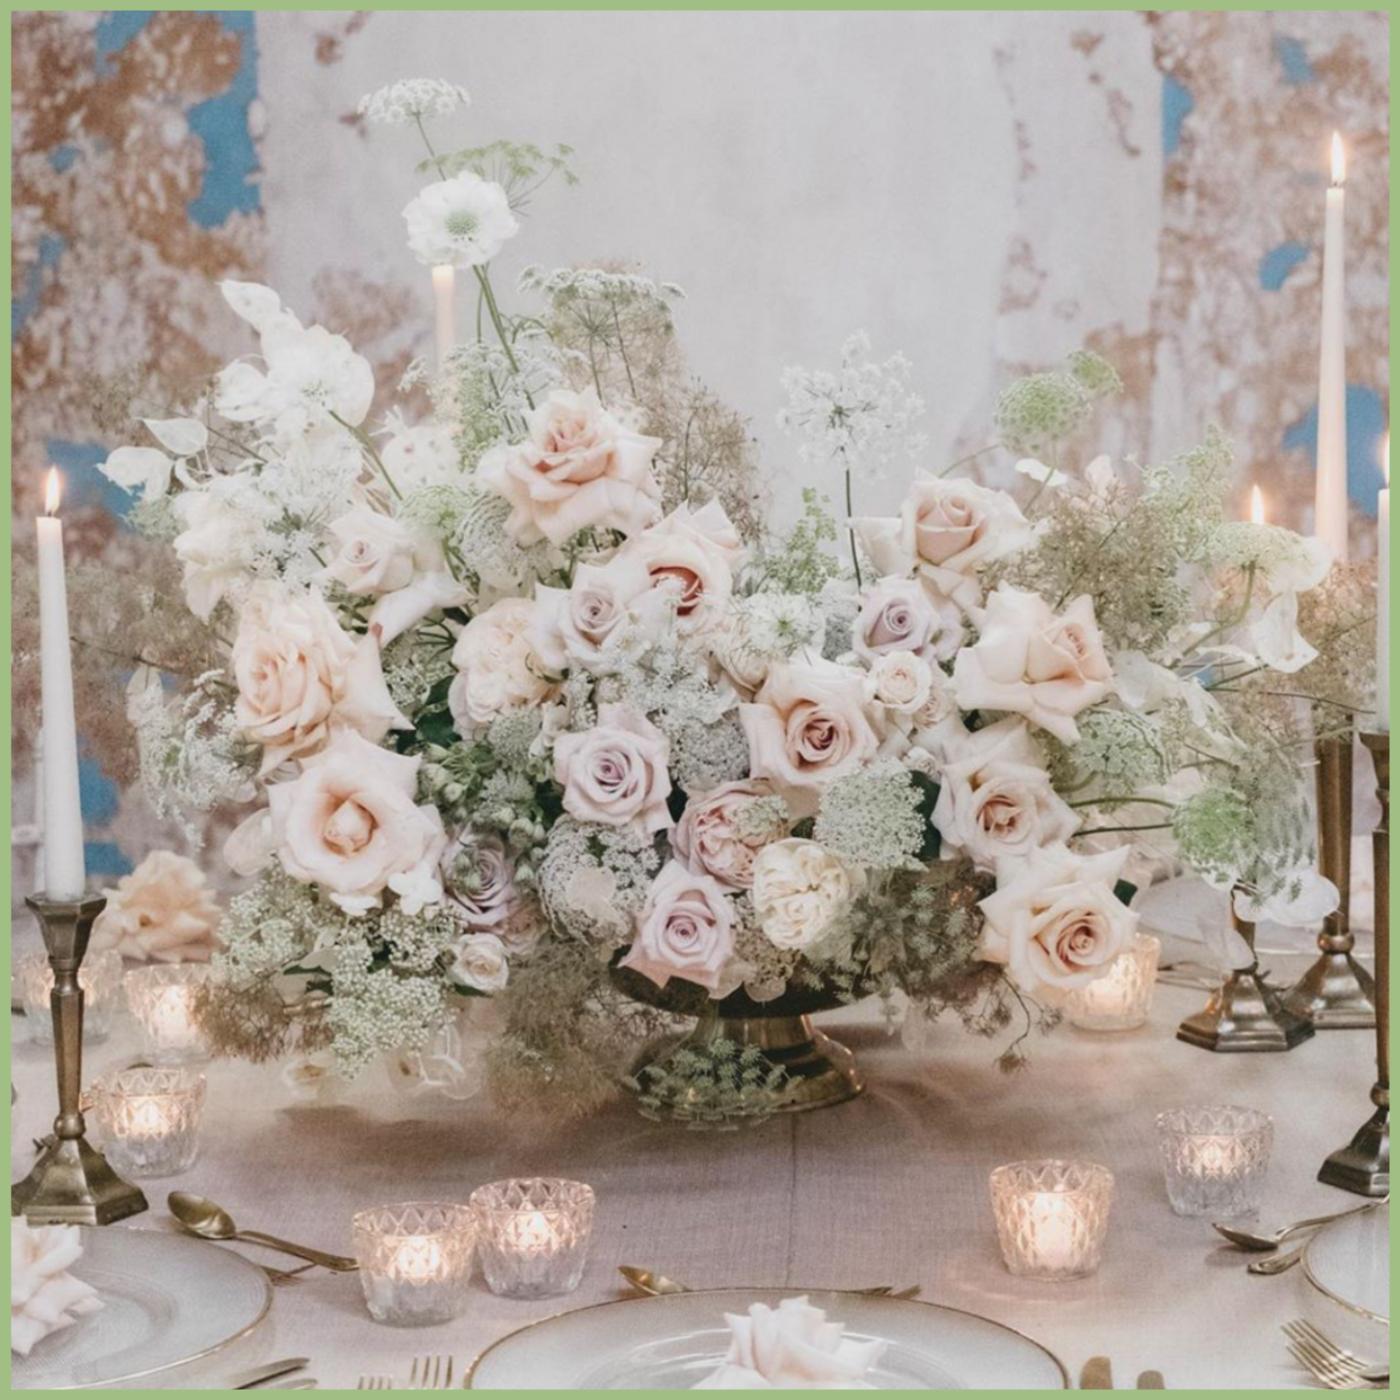 Floral arrangement blush garden style - Viva La Flora Live Podcast